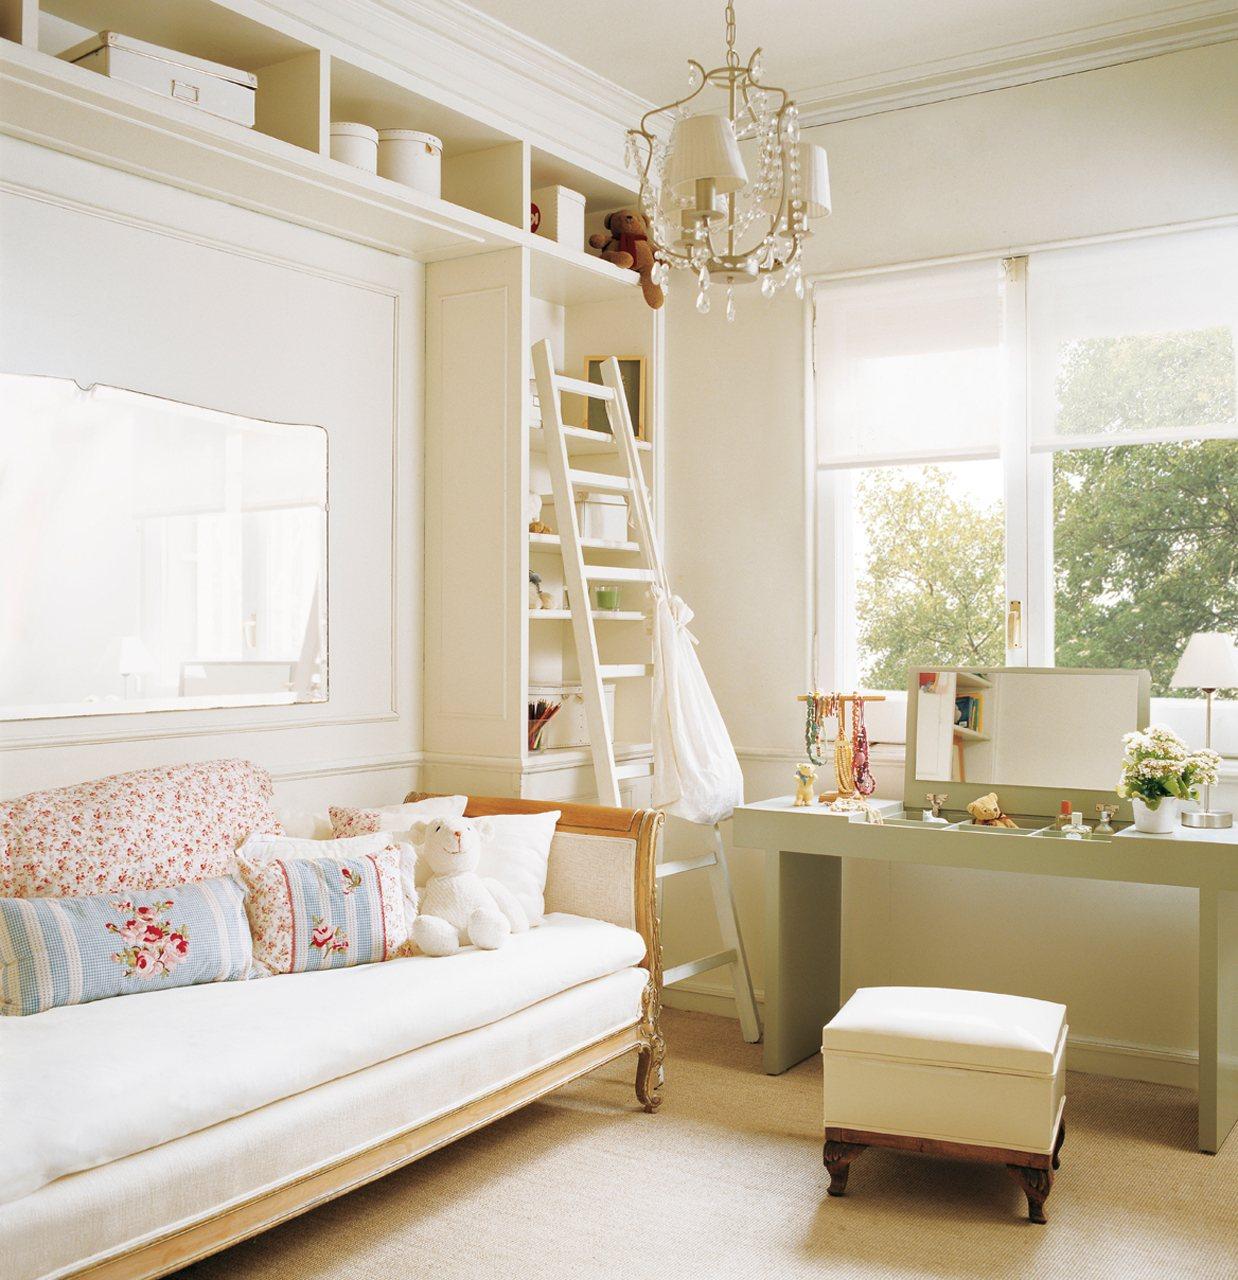 Habitaciones infantiles sanas y ecol gicas - Habitaciones ninos el mueble ...